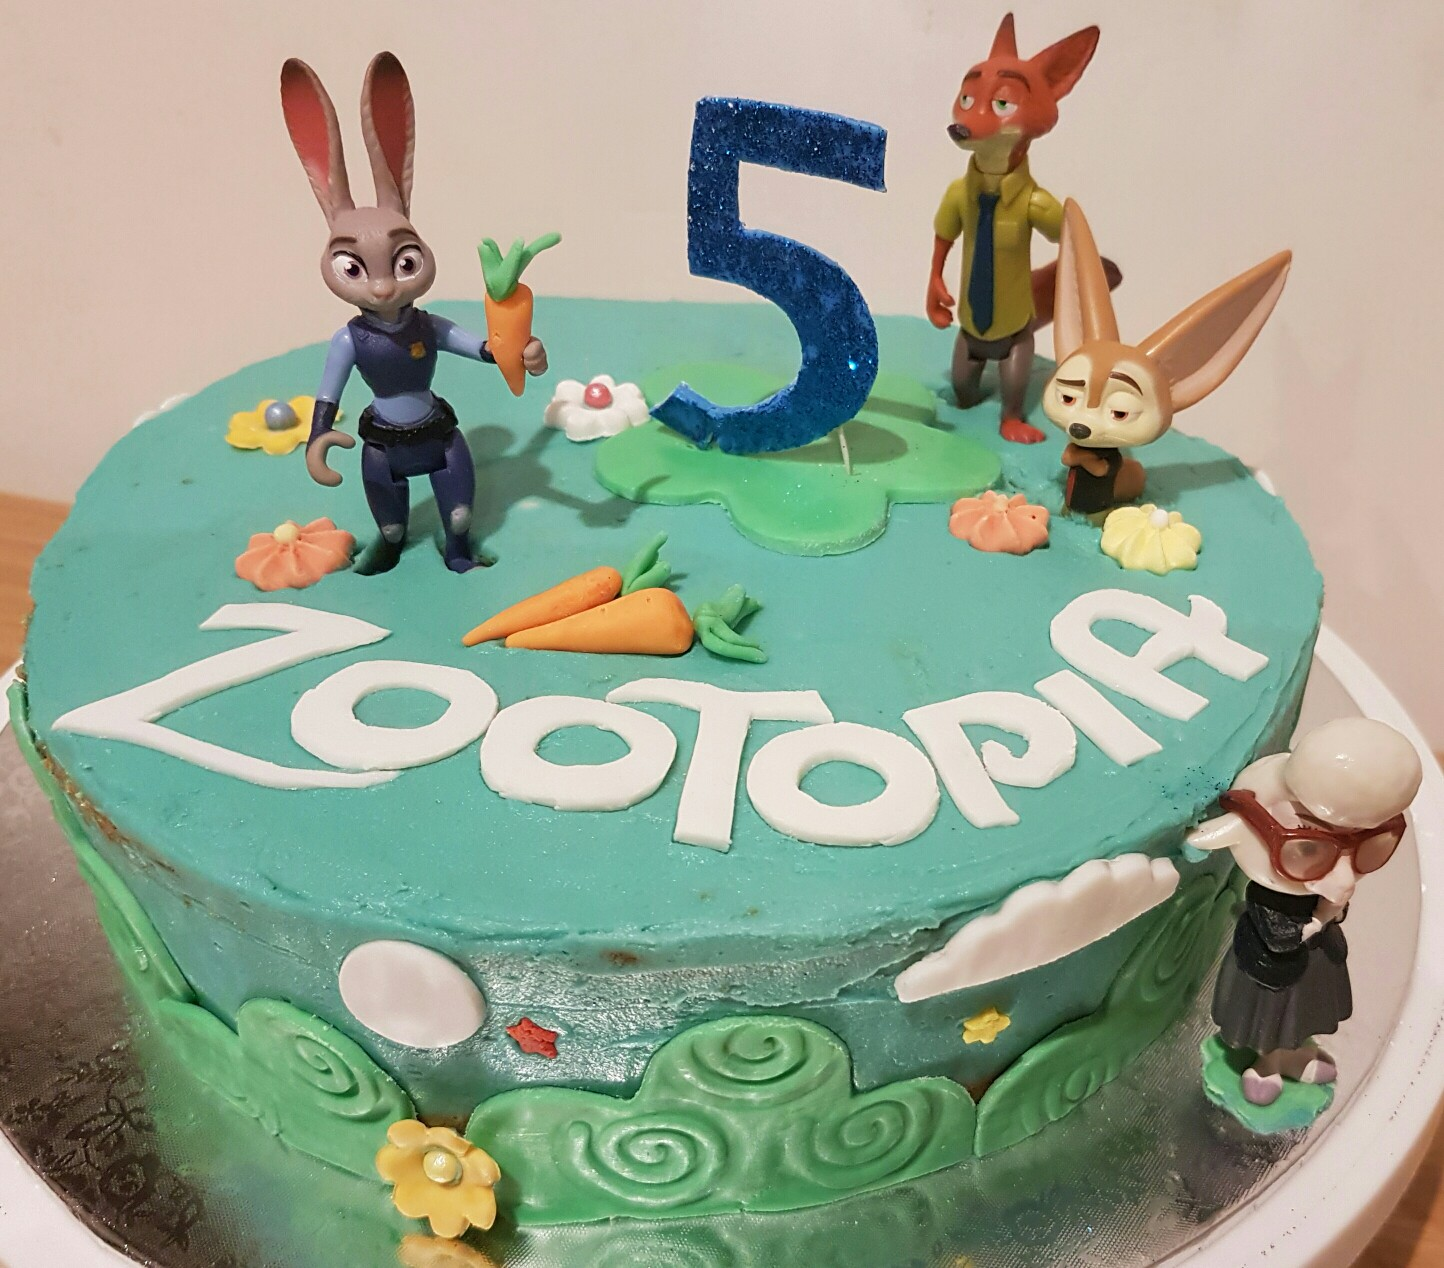 Zootopia Party Birthday Cake